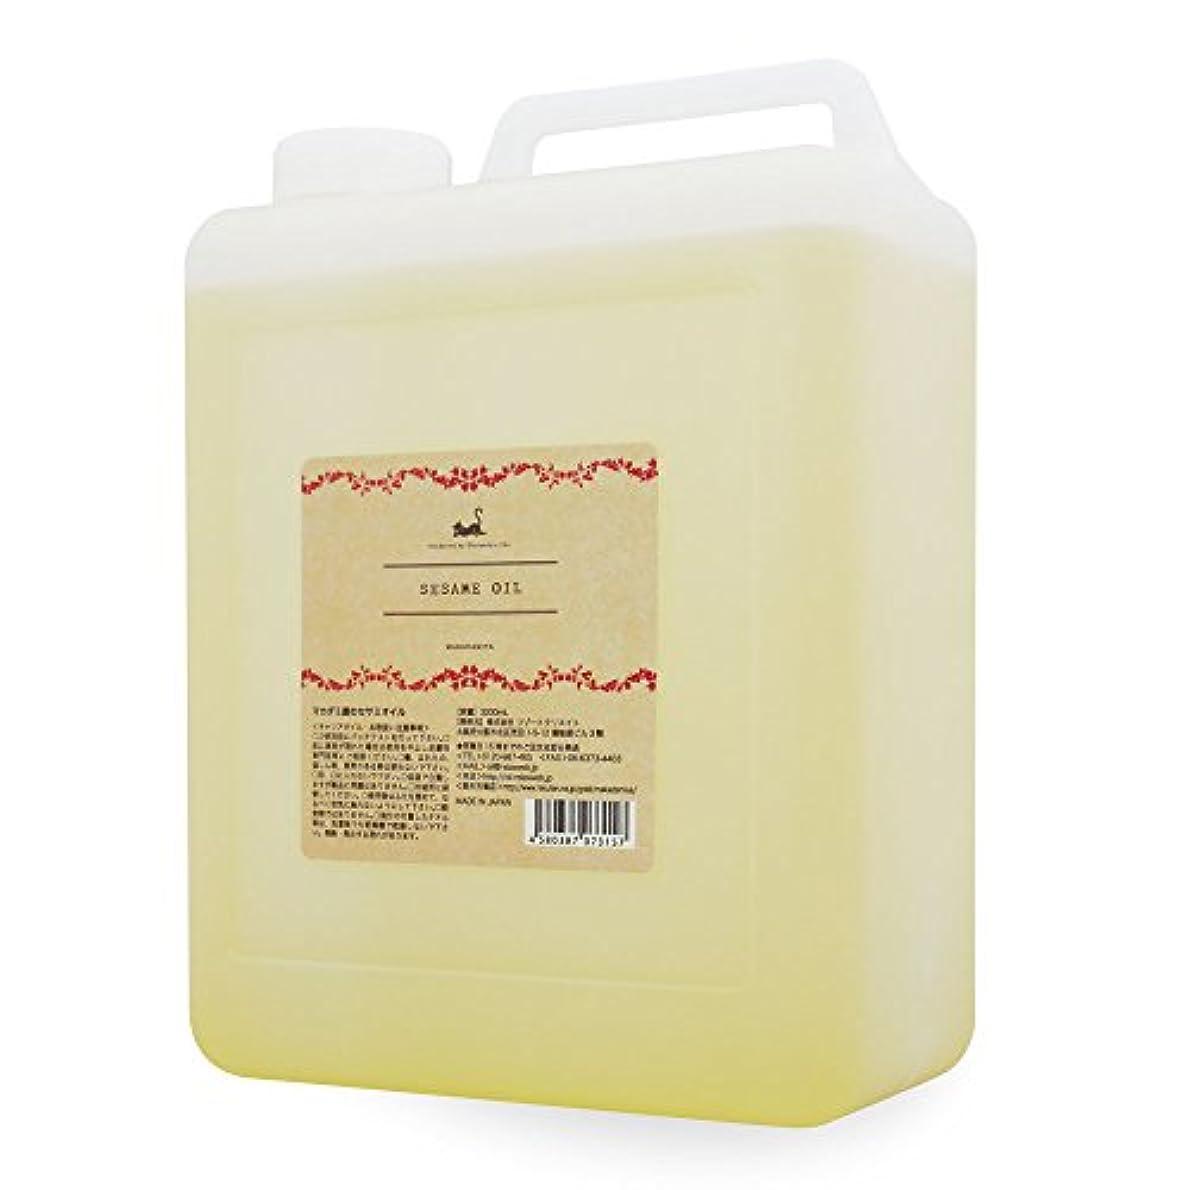 オーバーラン埋め込む形式セサミオイル3000ml (白ゴマ油/コック付) 高級サロン仕様 マッサージオイル キャリアオイル (フェイス/ボディ用) 業務用?大容量